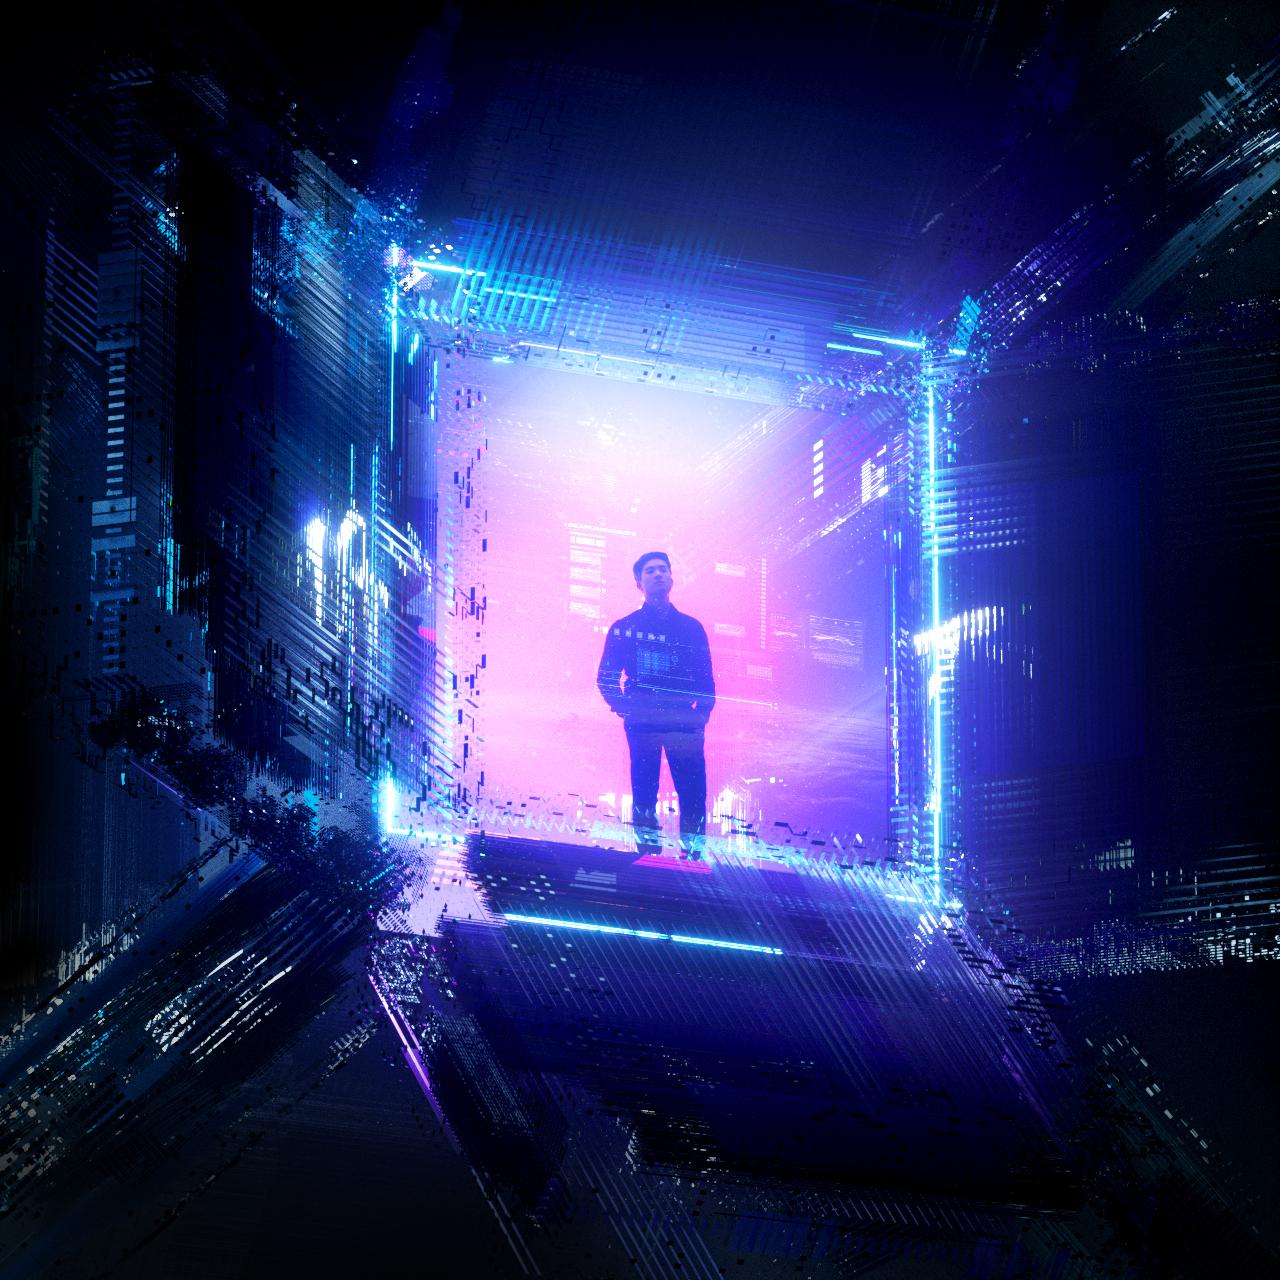 AF_Cube-SpaceScene.jpg